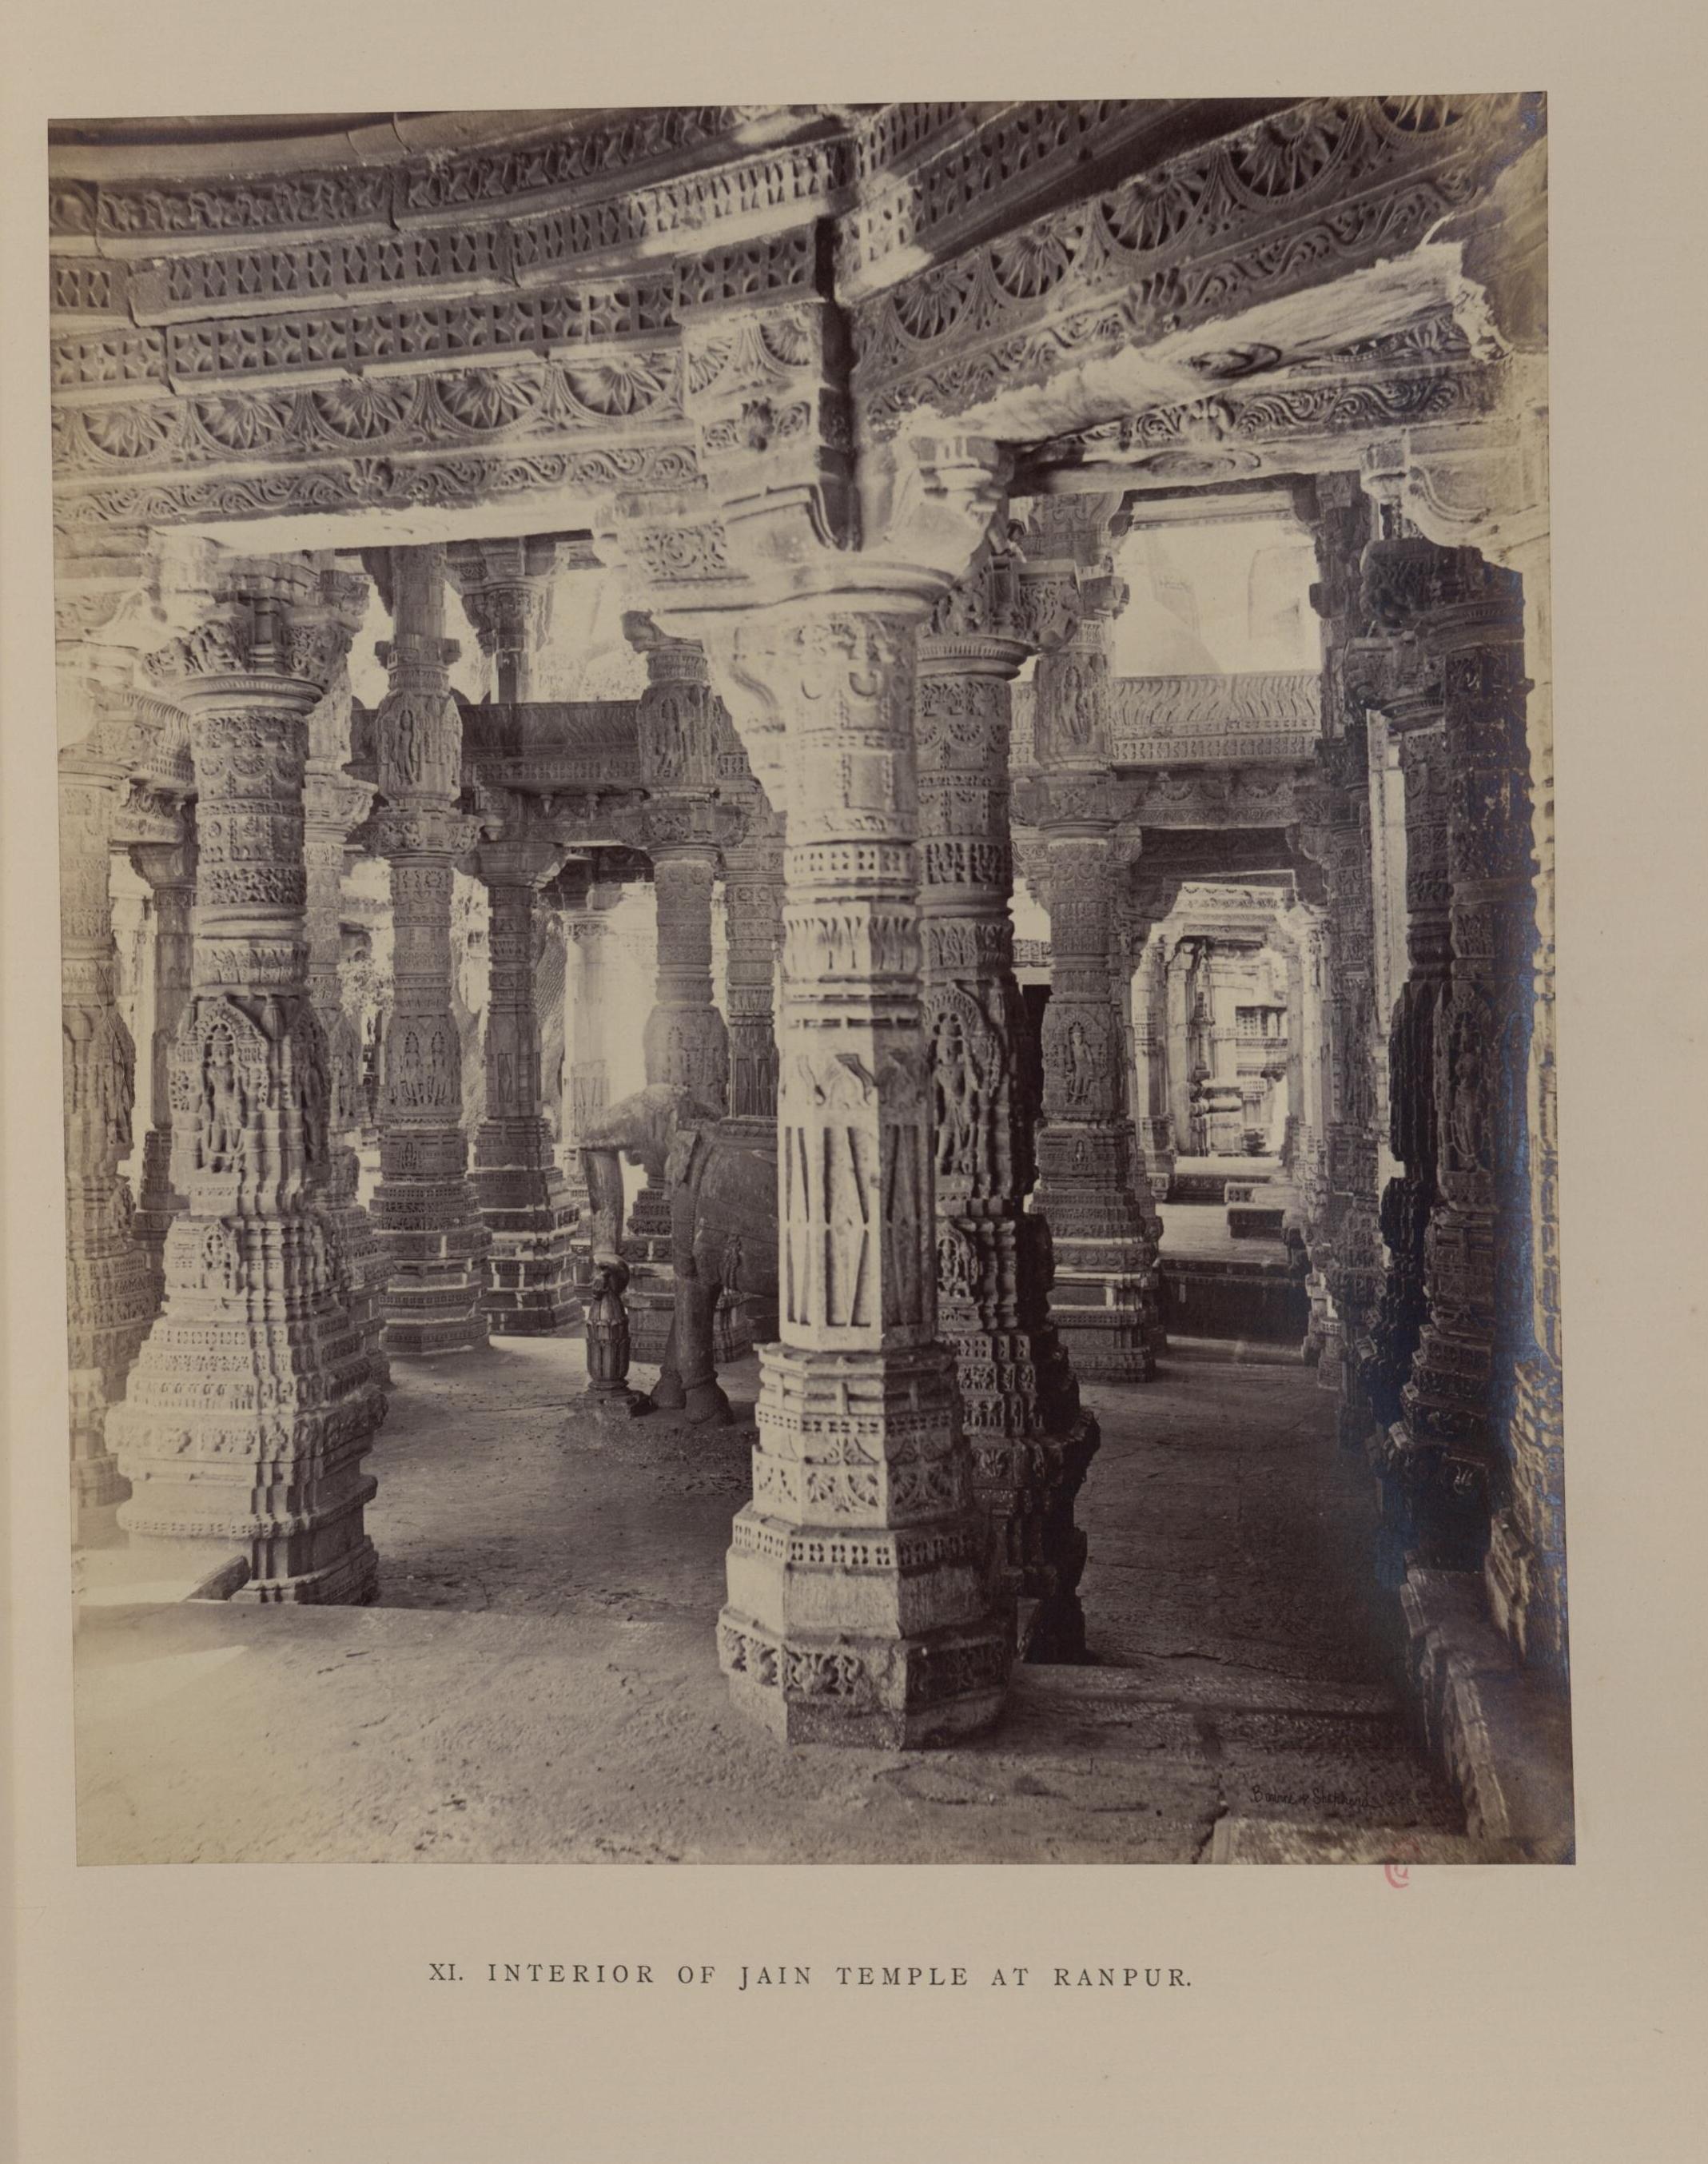 Рампур, Джайнский храм. Интерьер